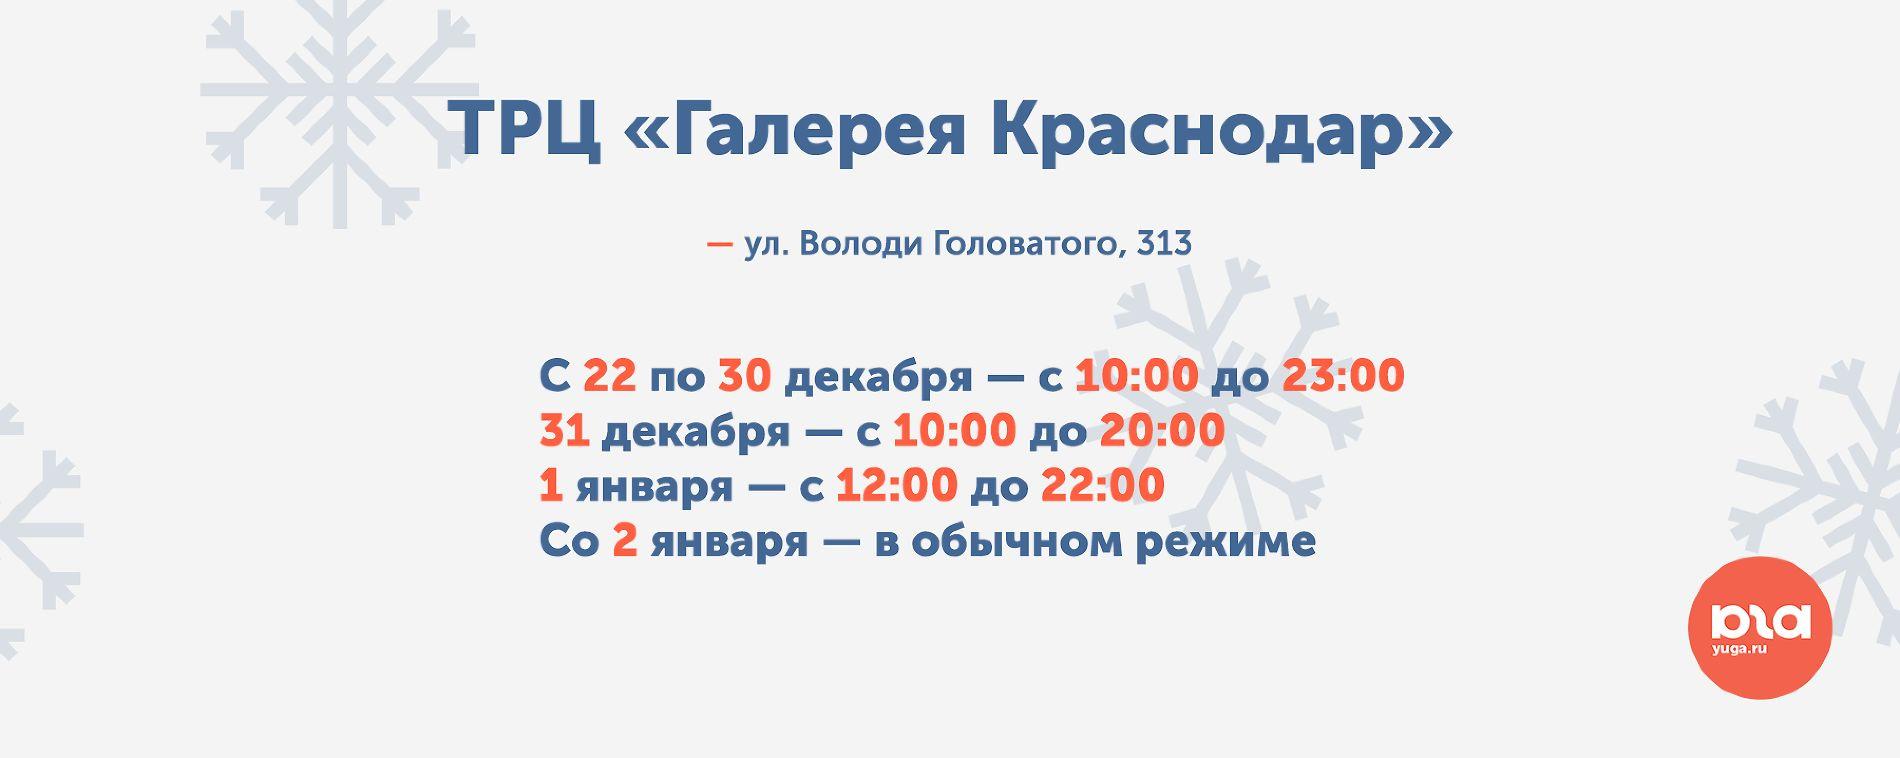 rezhim-raboti-amvey-na-yuzhnoy